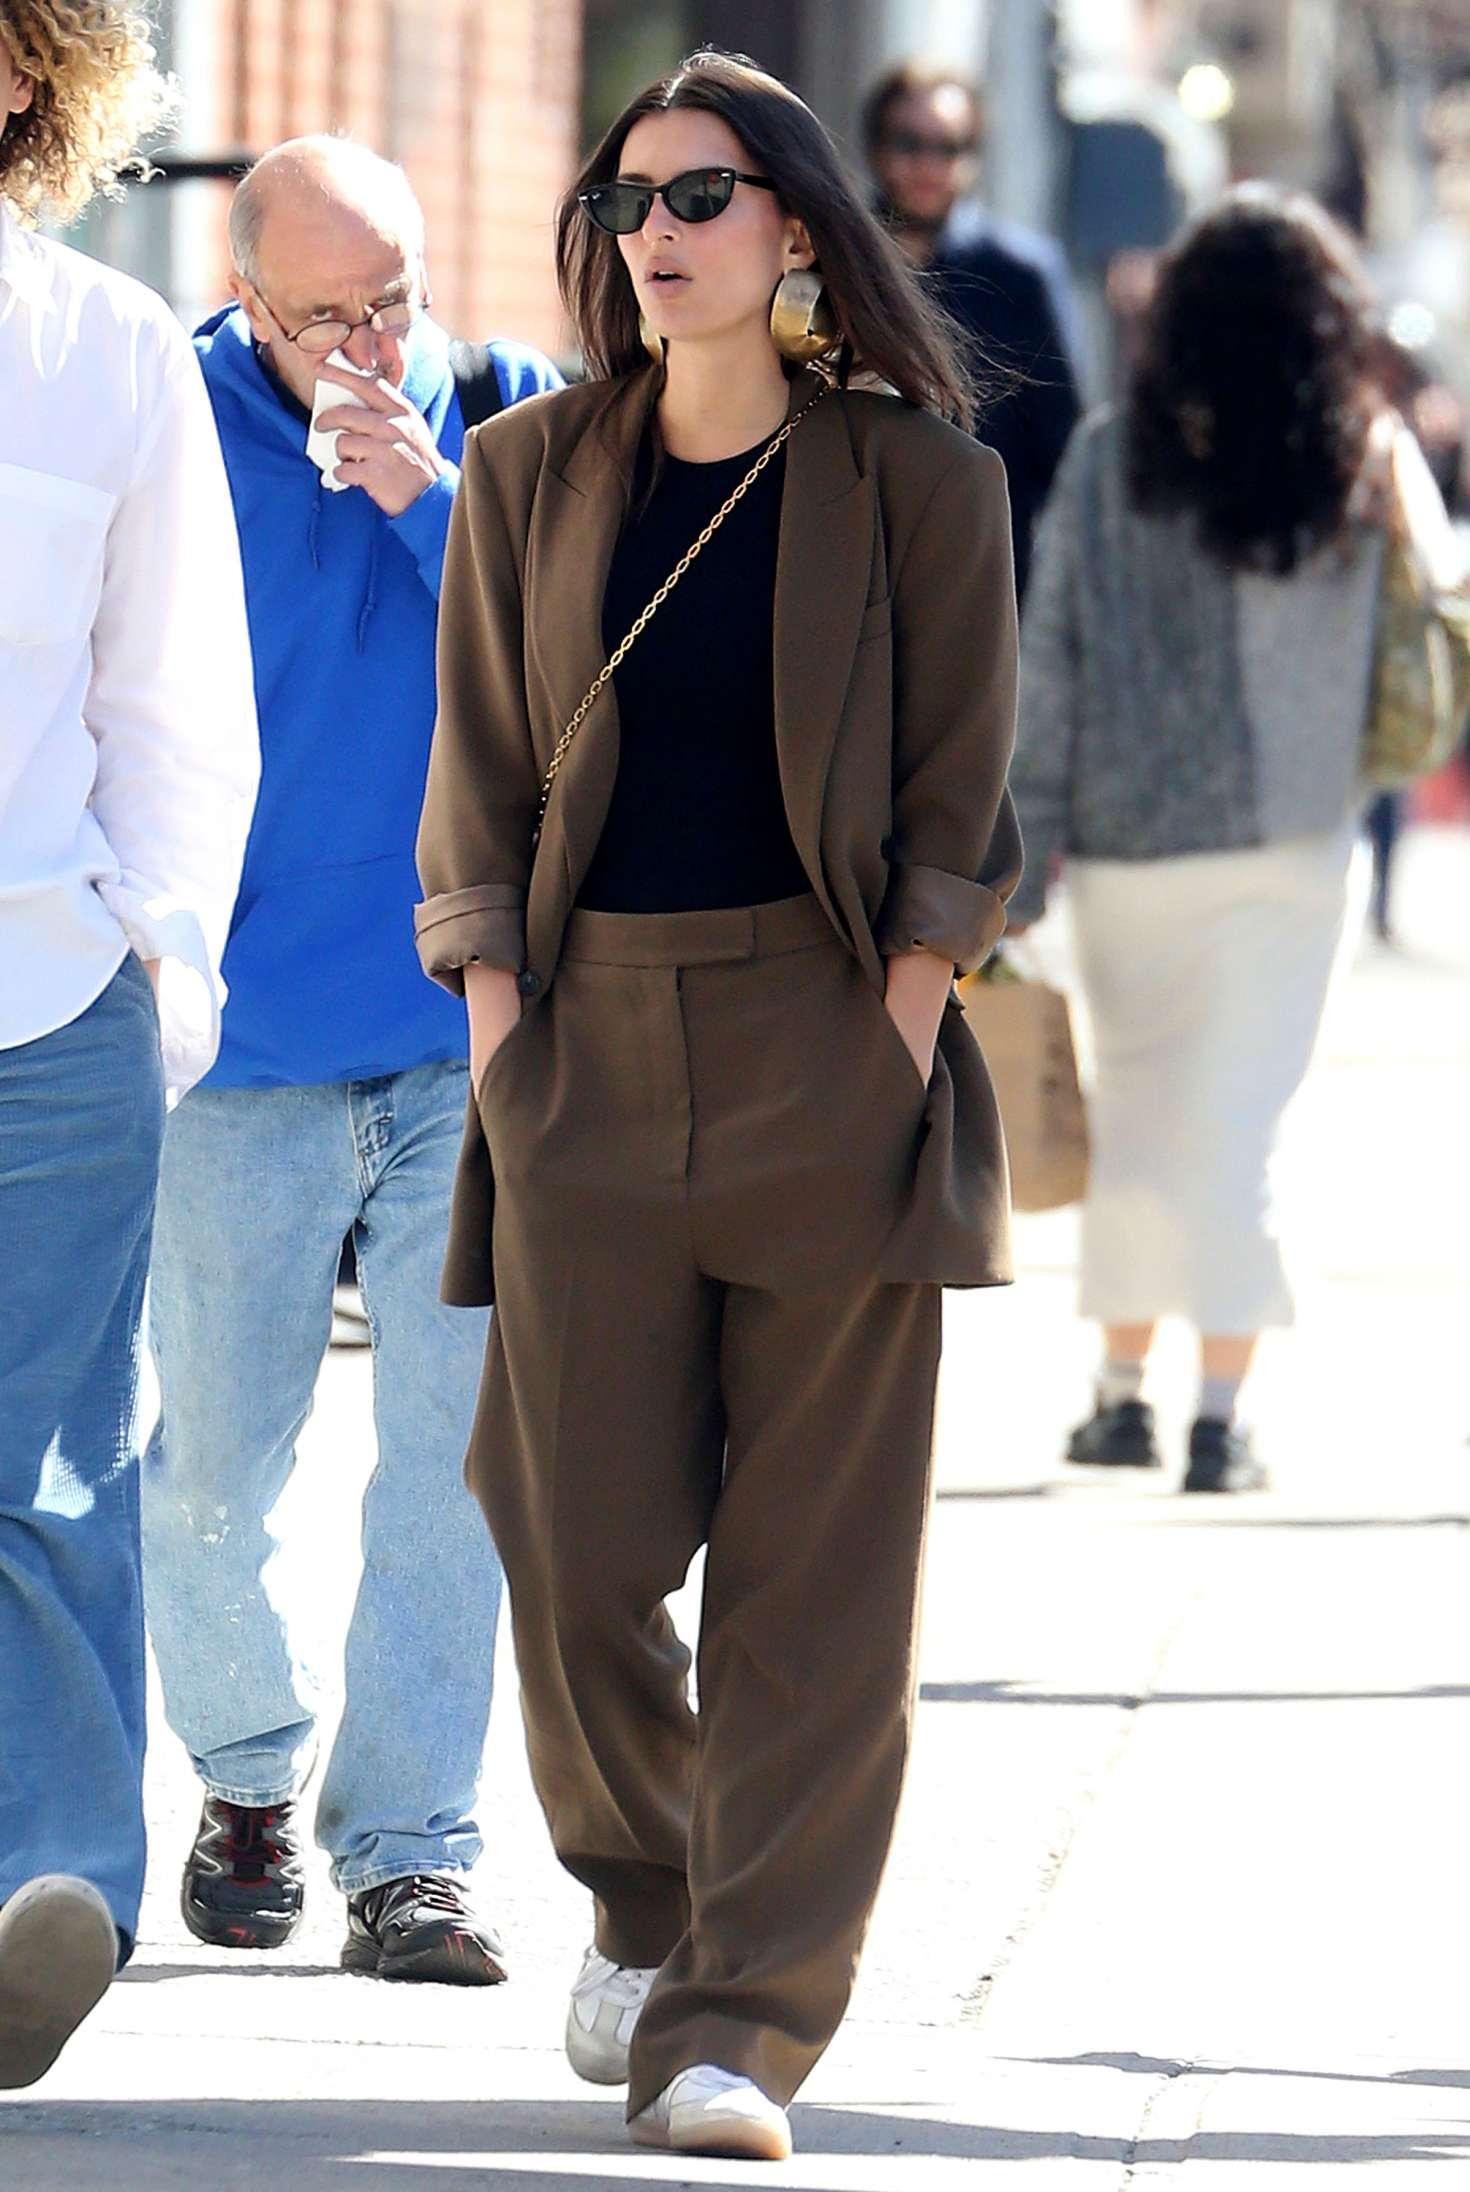 Emily Ratajkowski 2019 : Emily Ratajkowski in Brown Suit -13